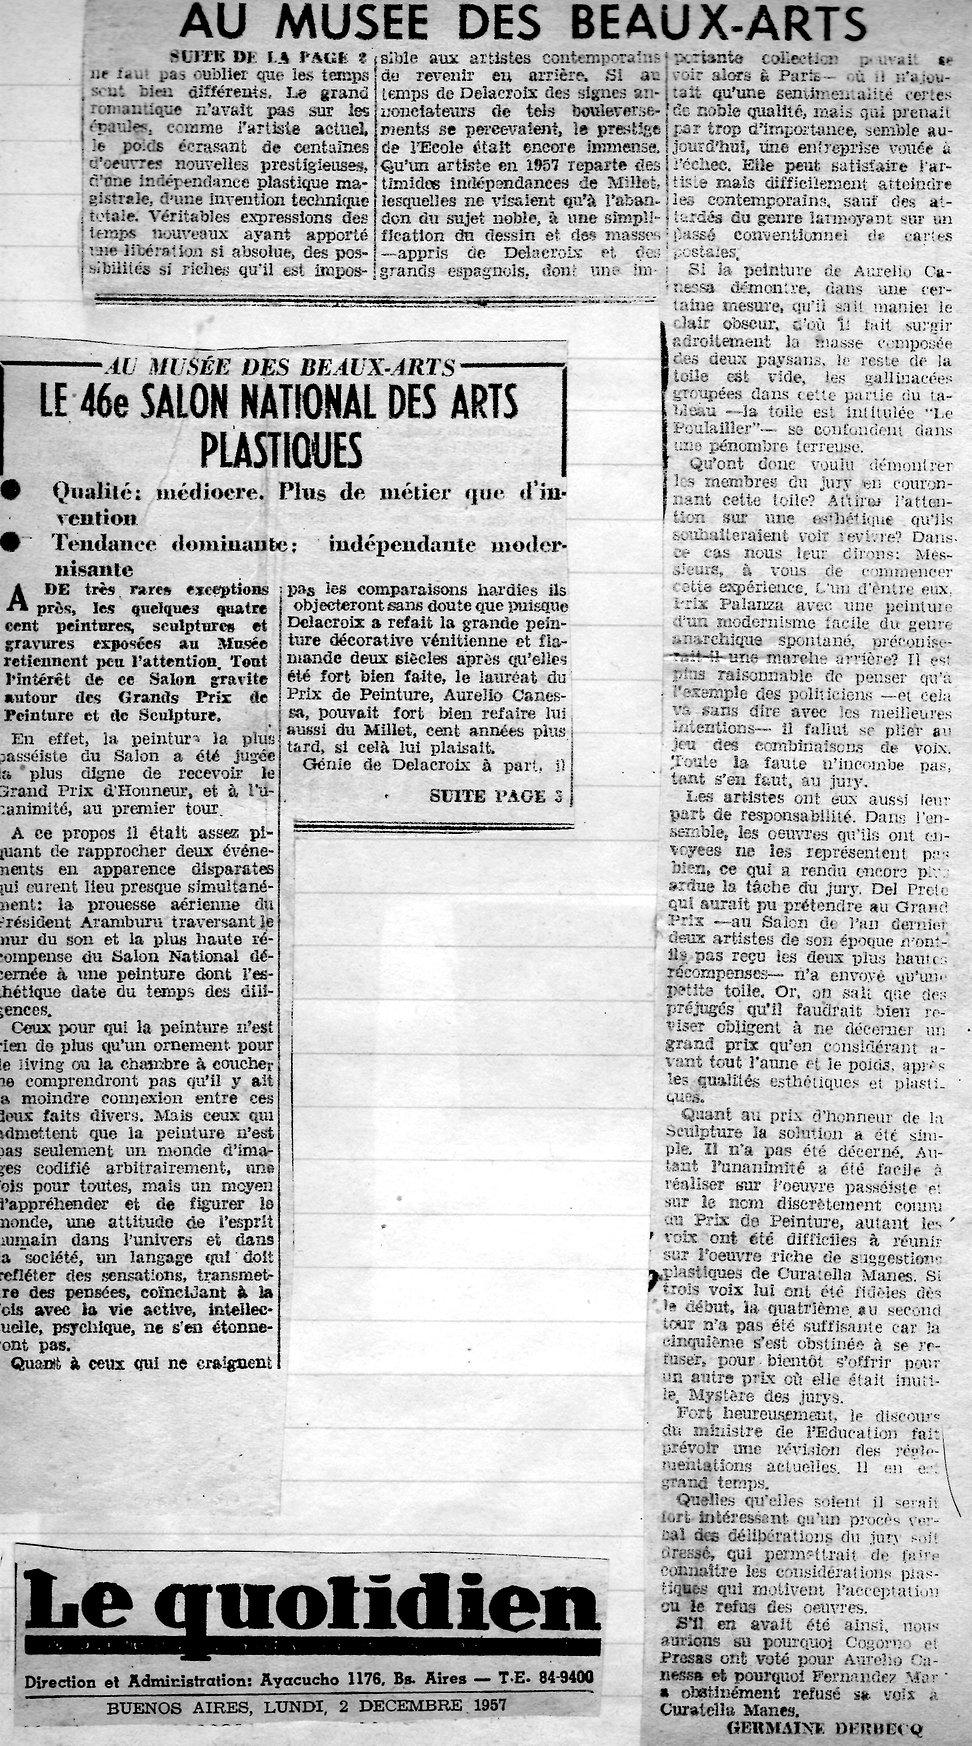 Le Quotidien2 -Salon national des arts p